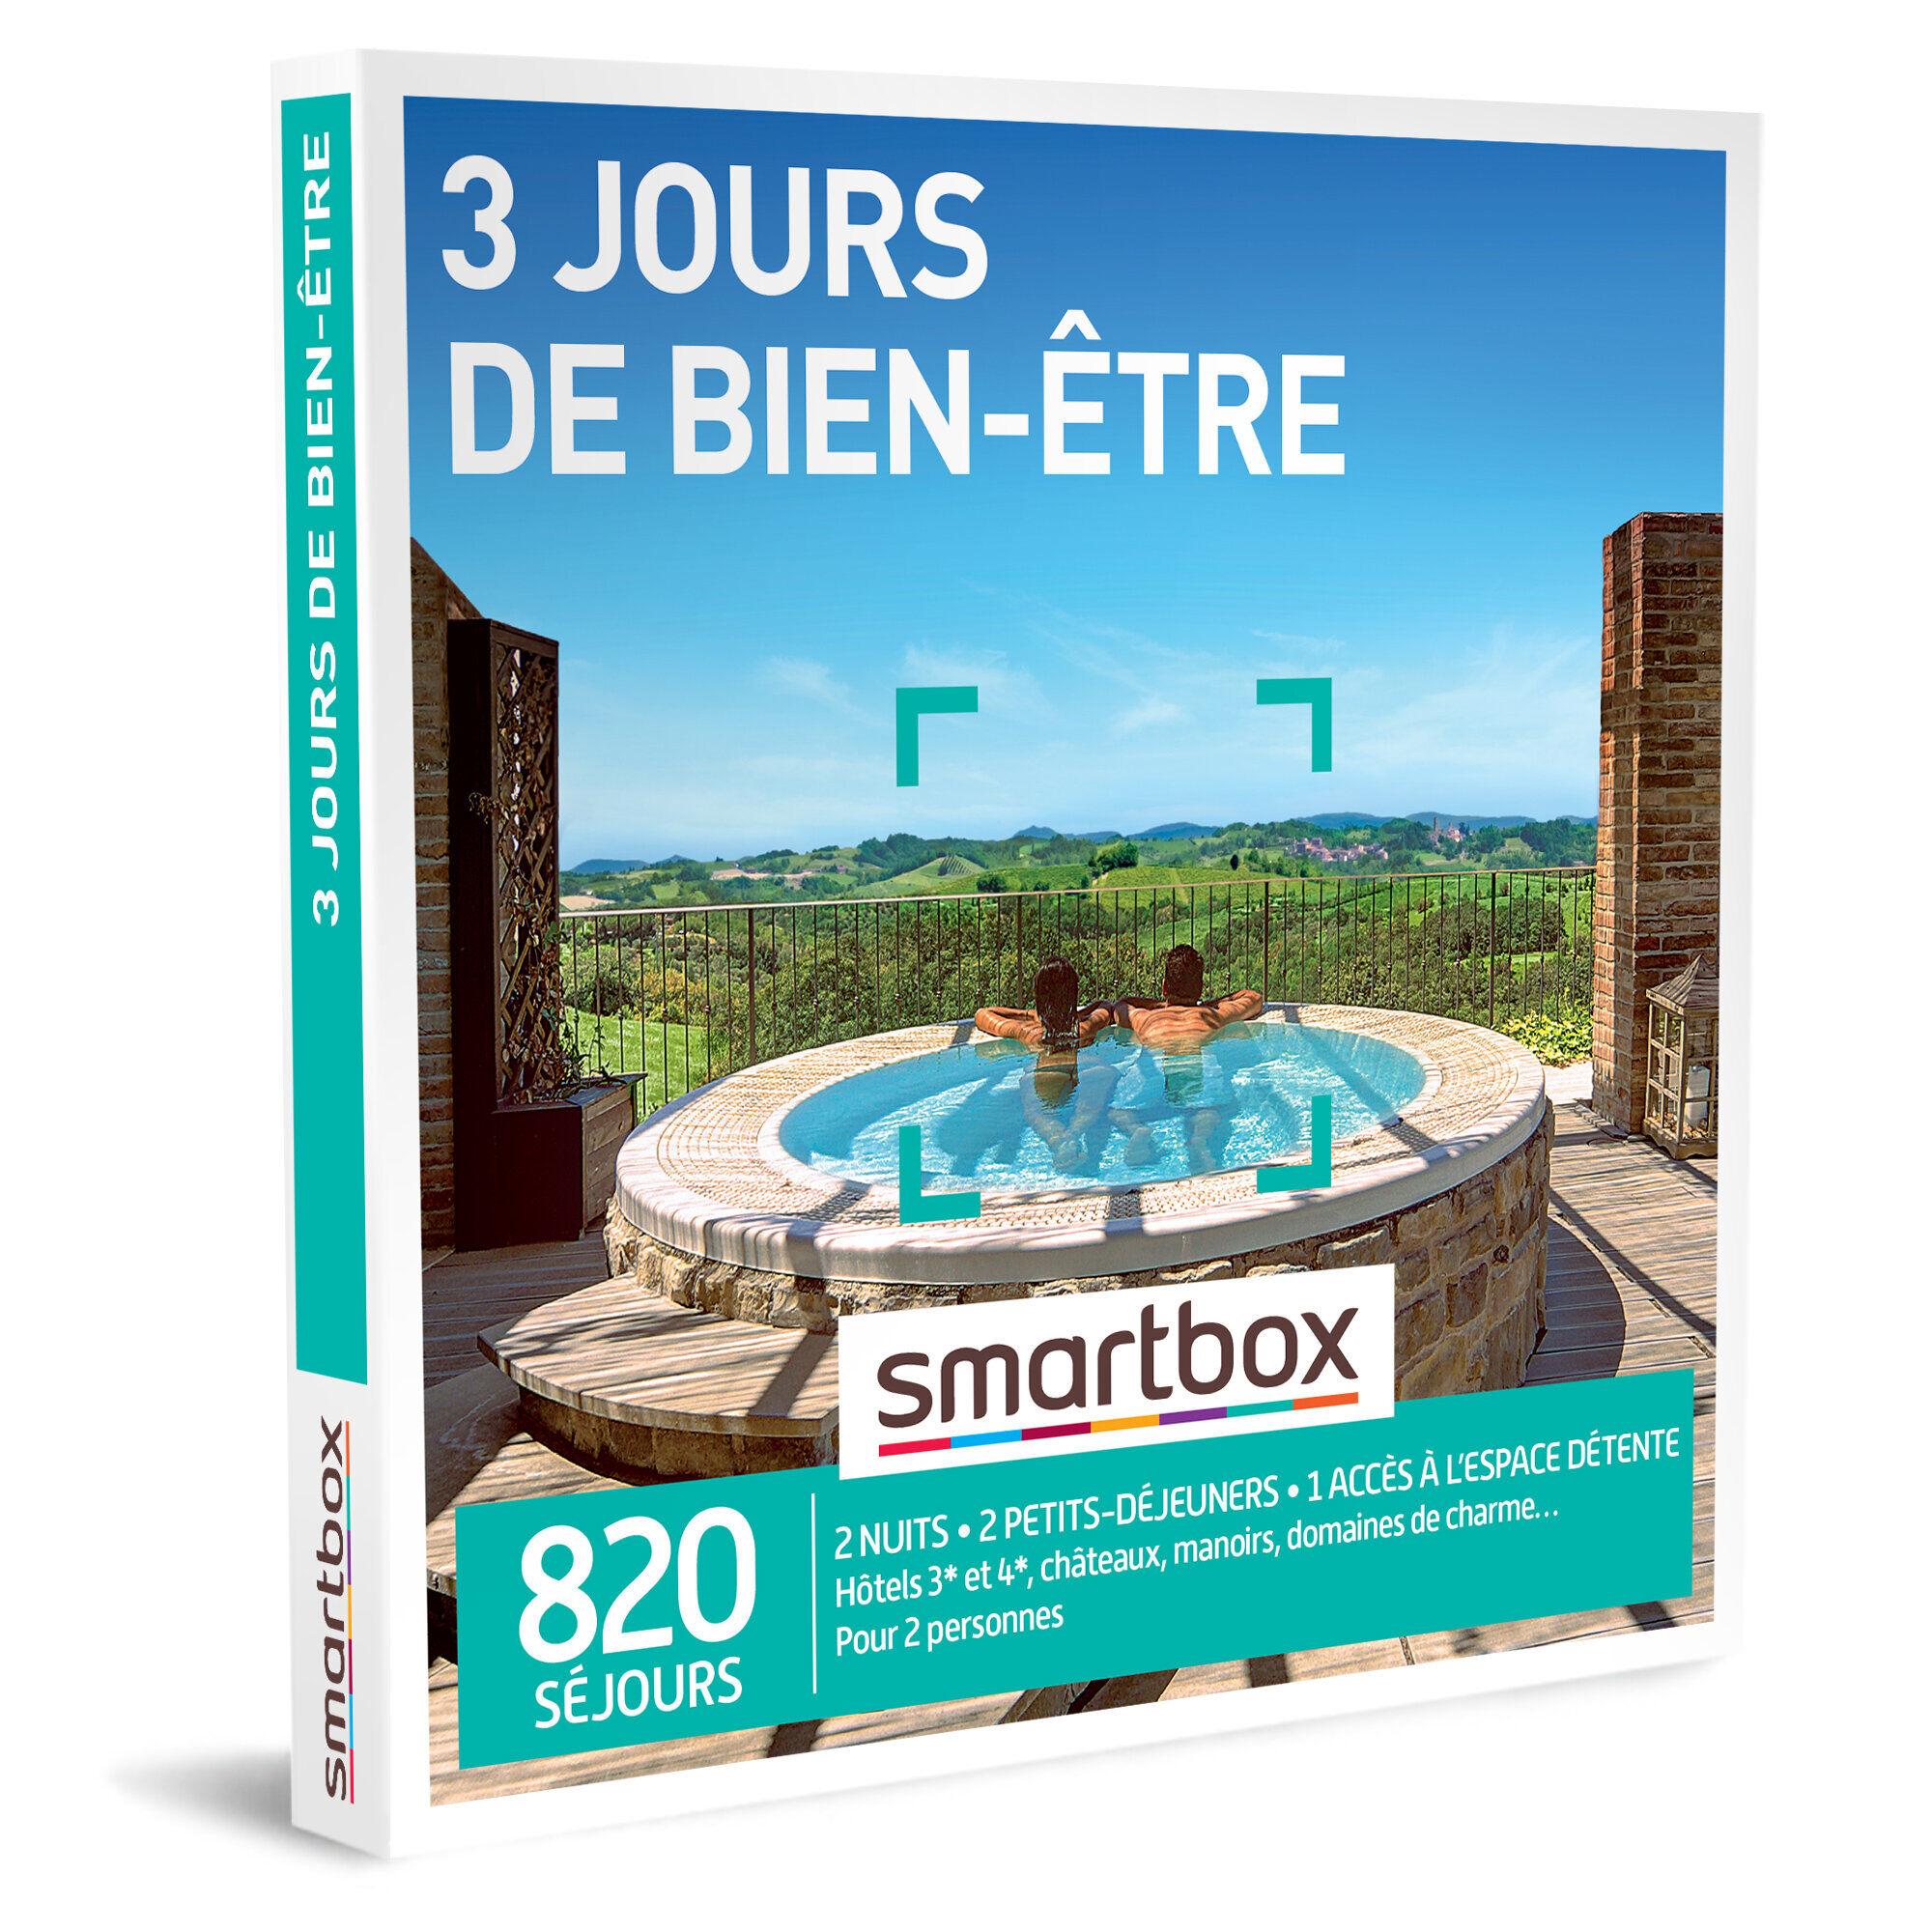 Smartbox 3 jours de bien-être Coffret cadeau Smartbox